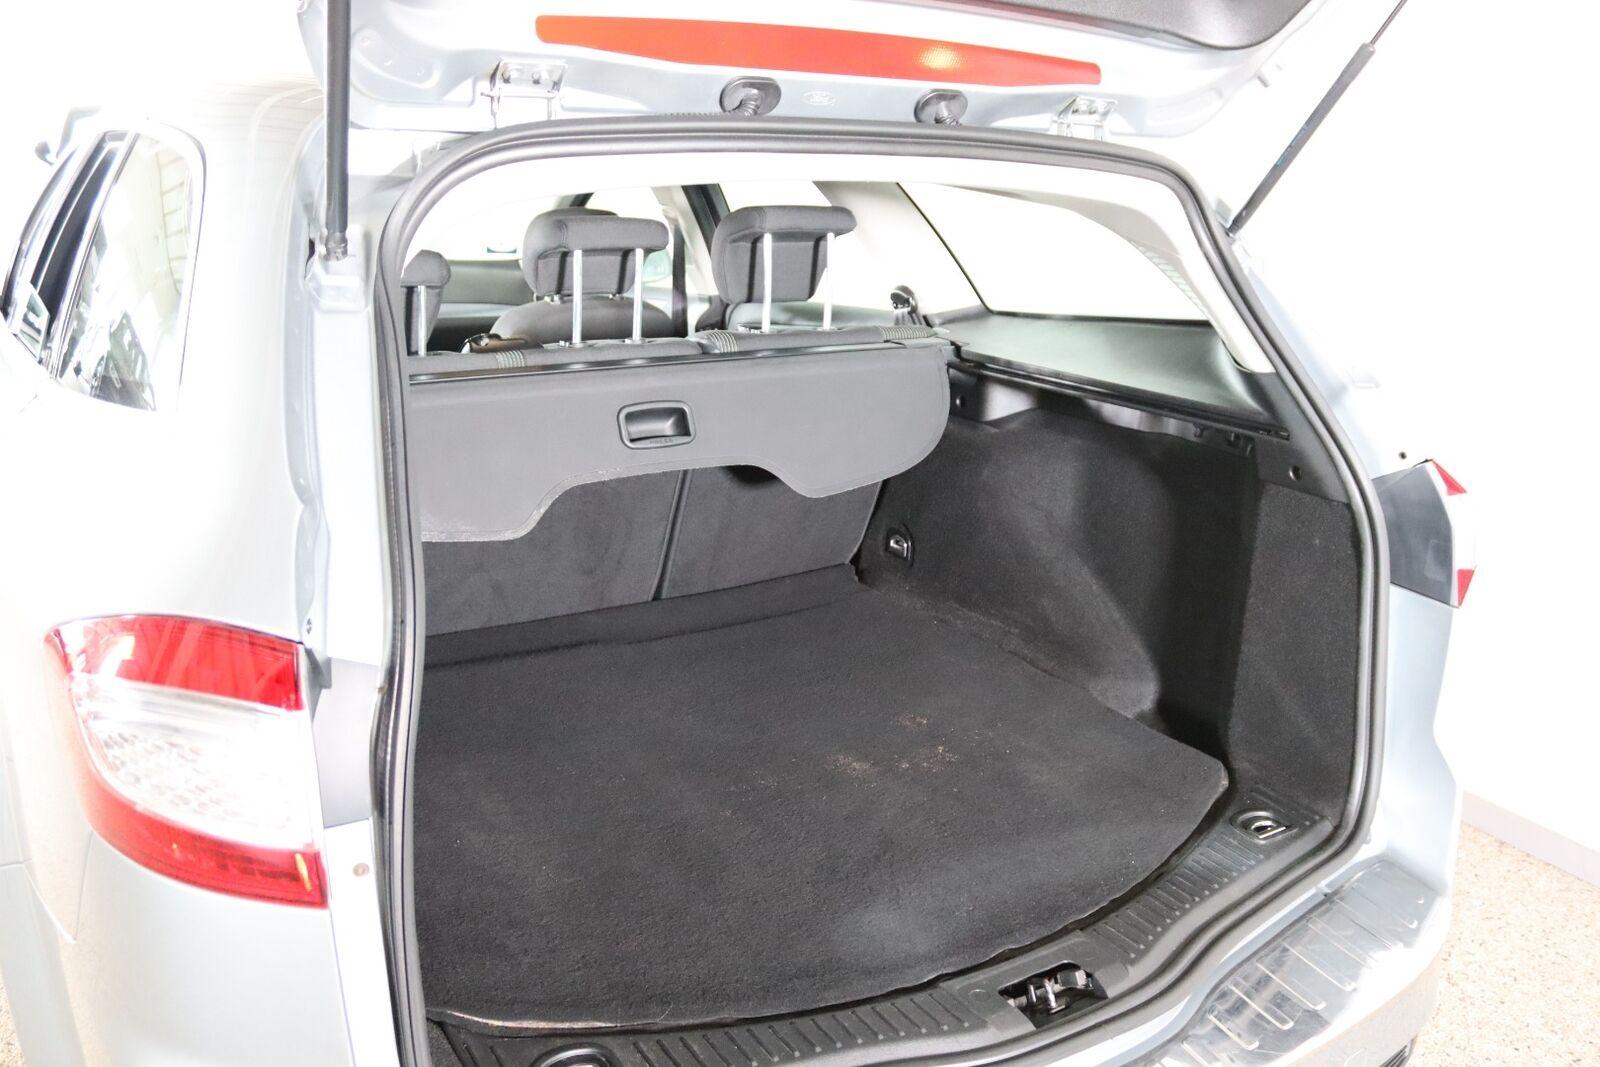 Ford Mondeo 2,0 TDCi 163 Titanium stc. aut. - billede 7